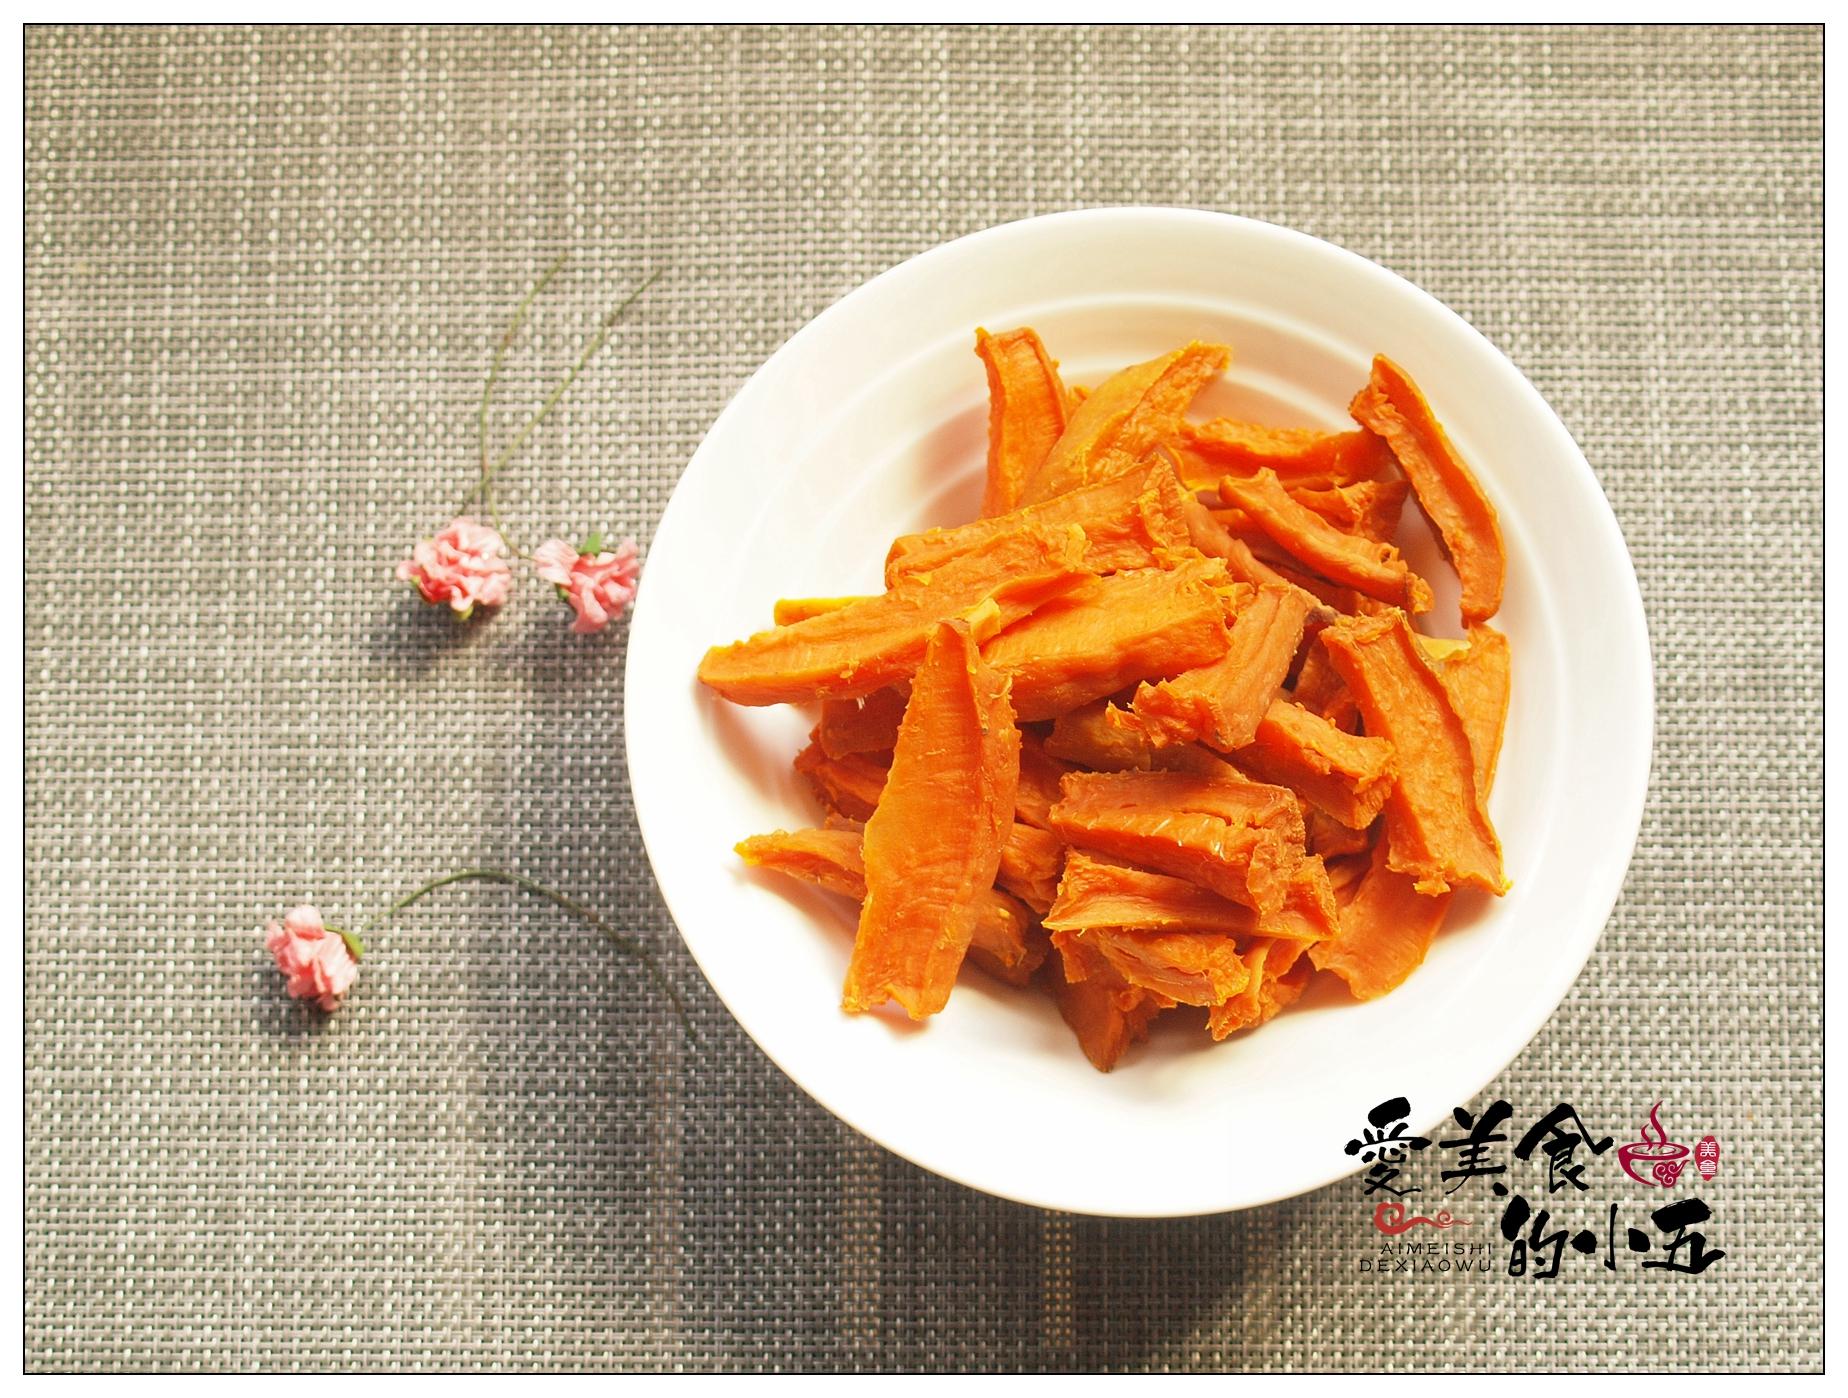 【软糯香甜的纯天然地瓜干】 怎样做出糯糯的地瓜干